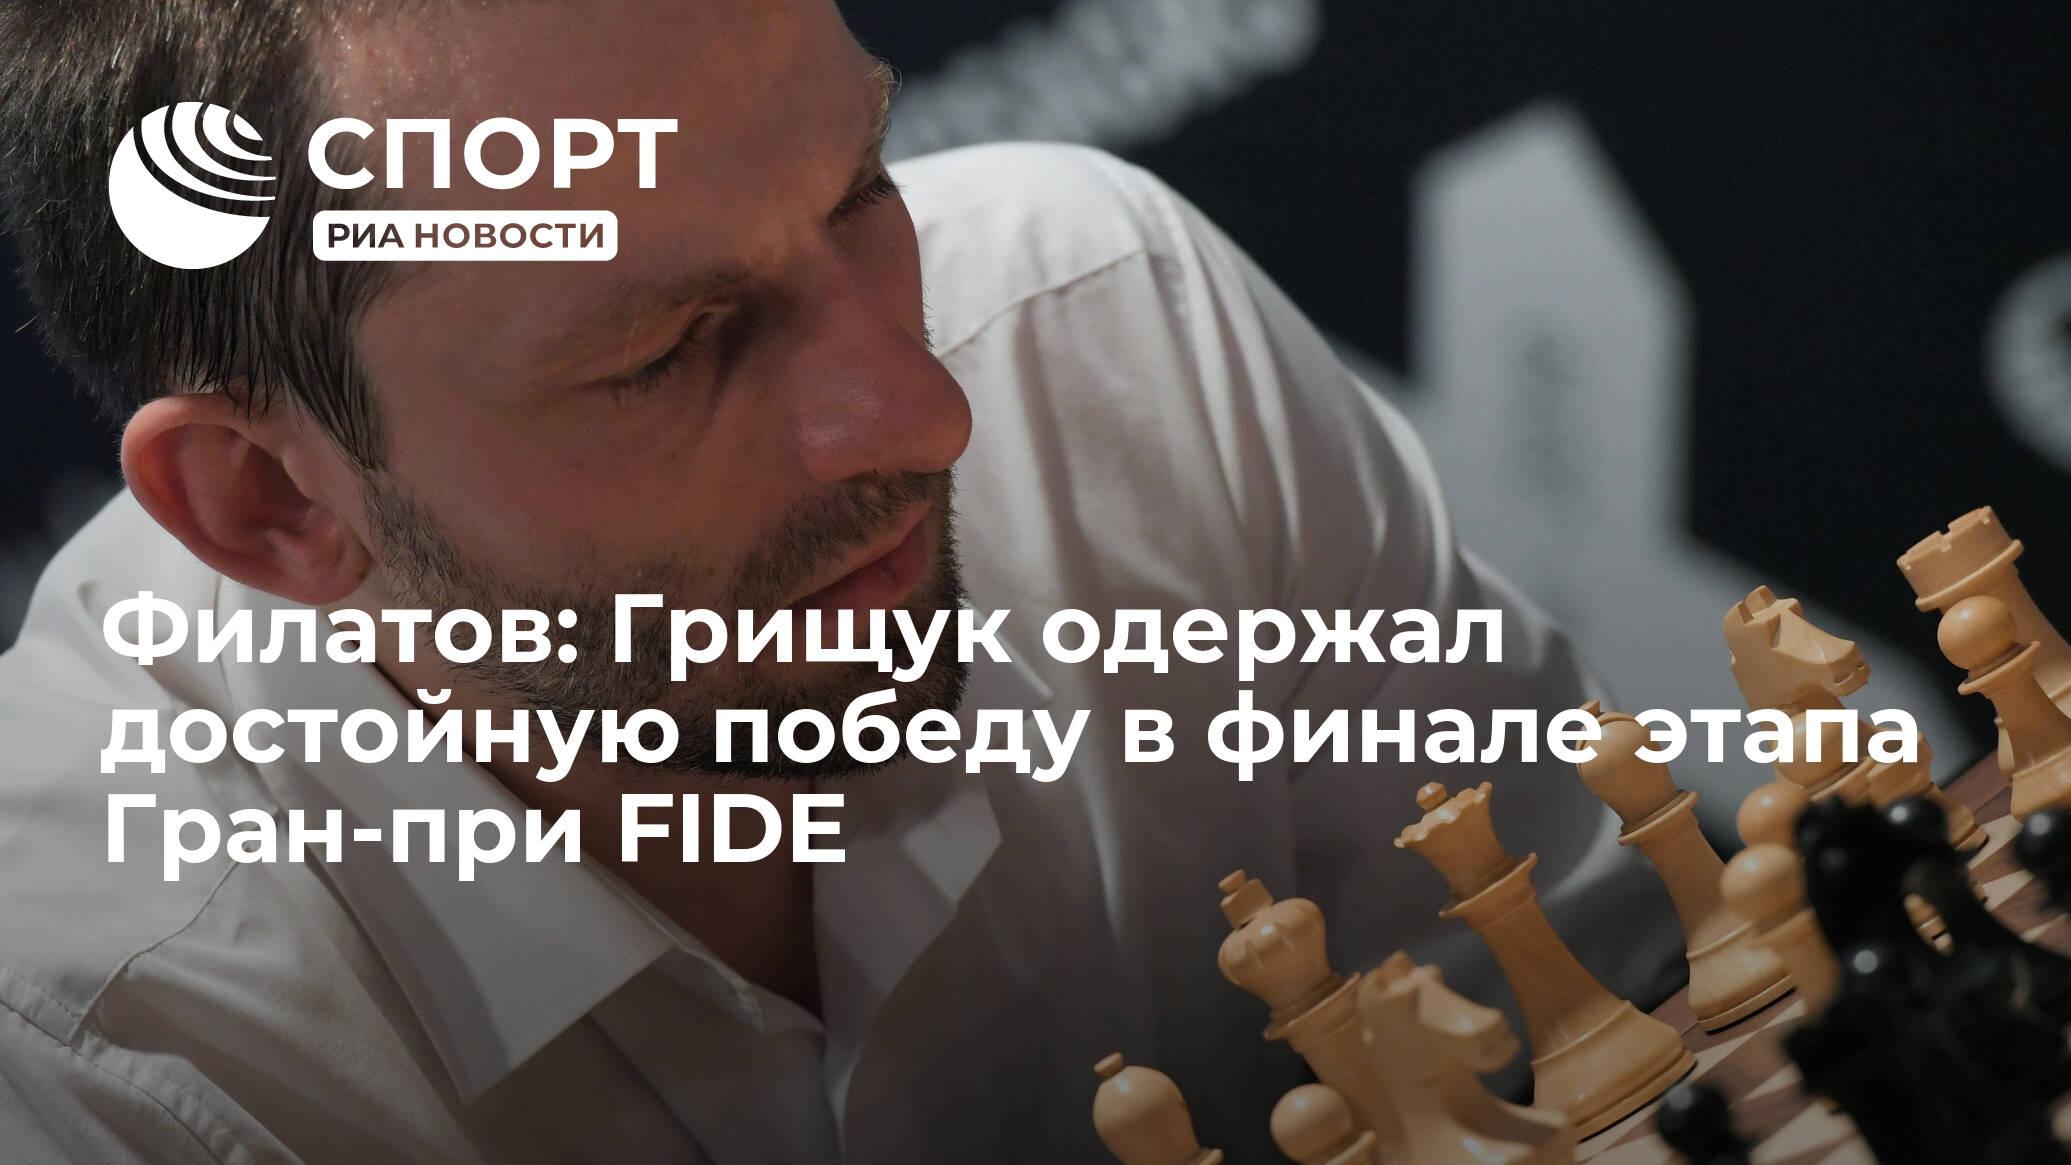 Филатов: Грищук одержал достойную победу в финале этапа Гран-при FIDE